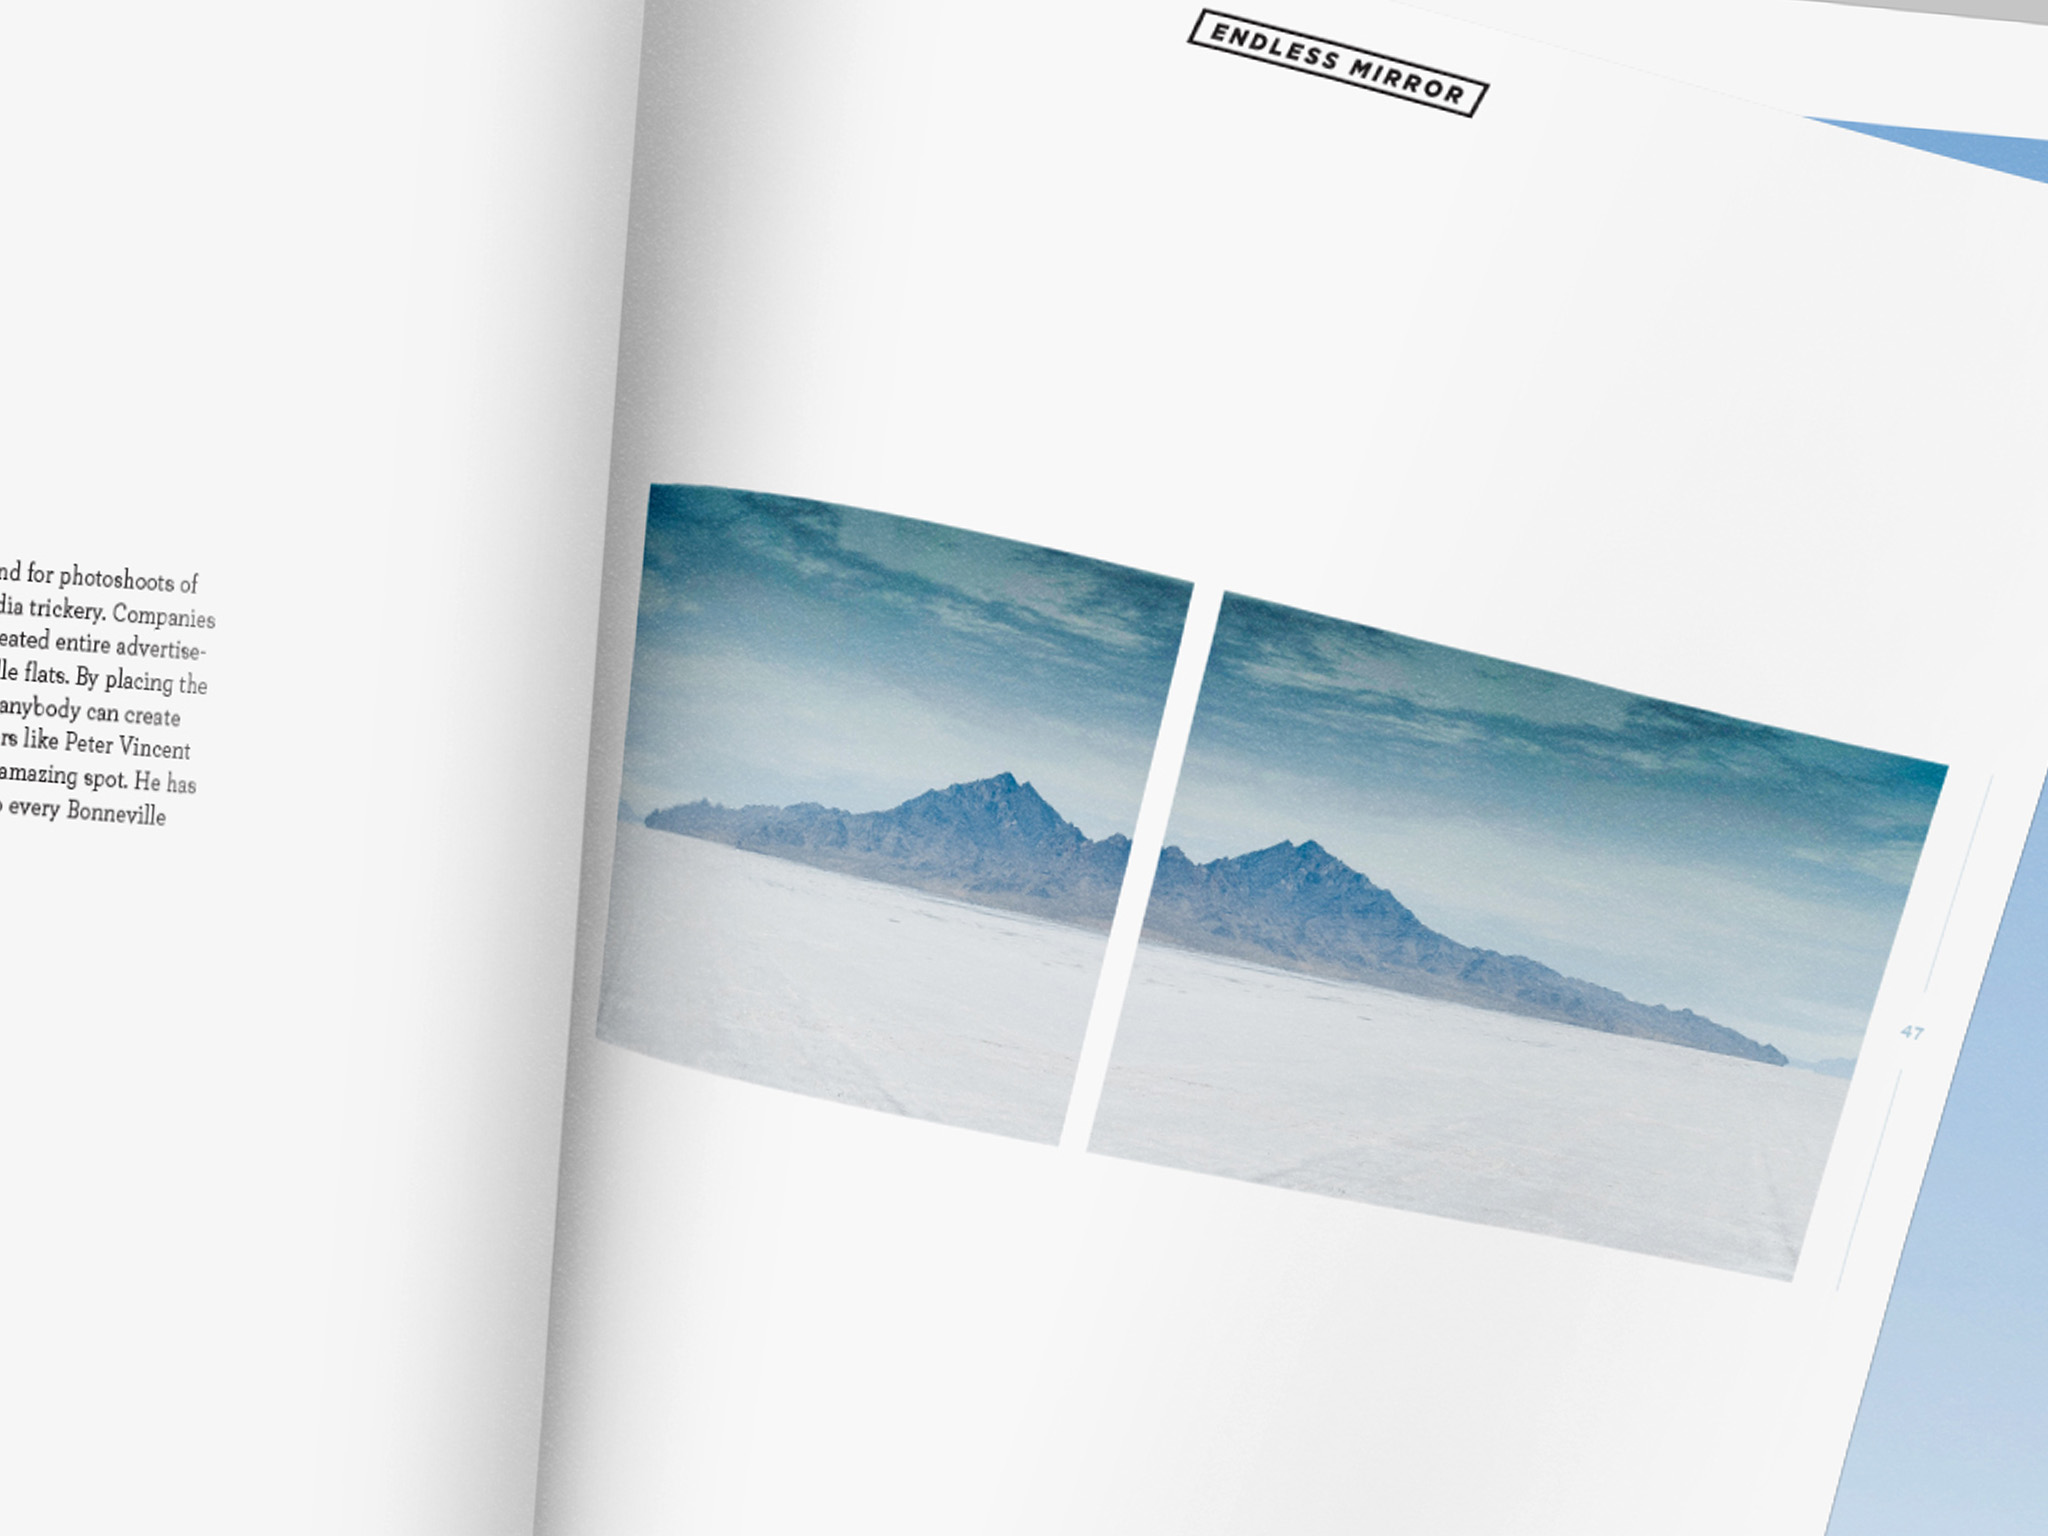 landspeed_horiz_details_0000s_0021_landspeed_bookmockup.19 copy.jpg